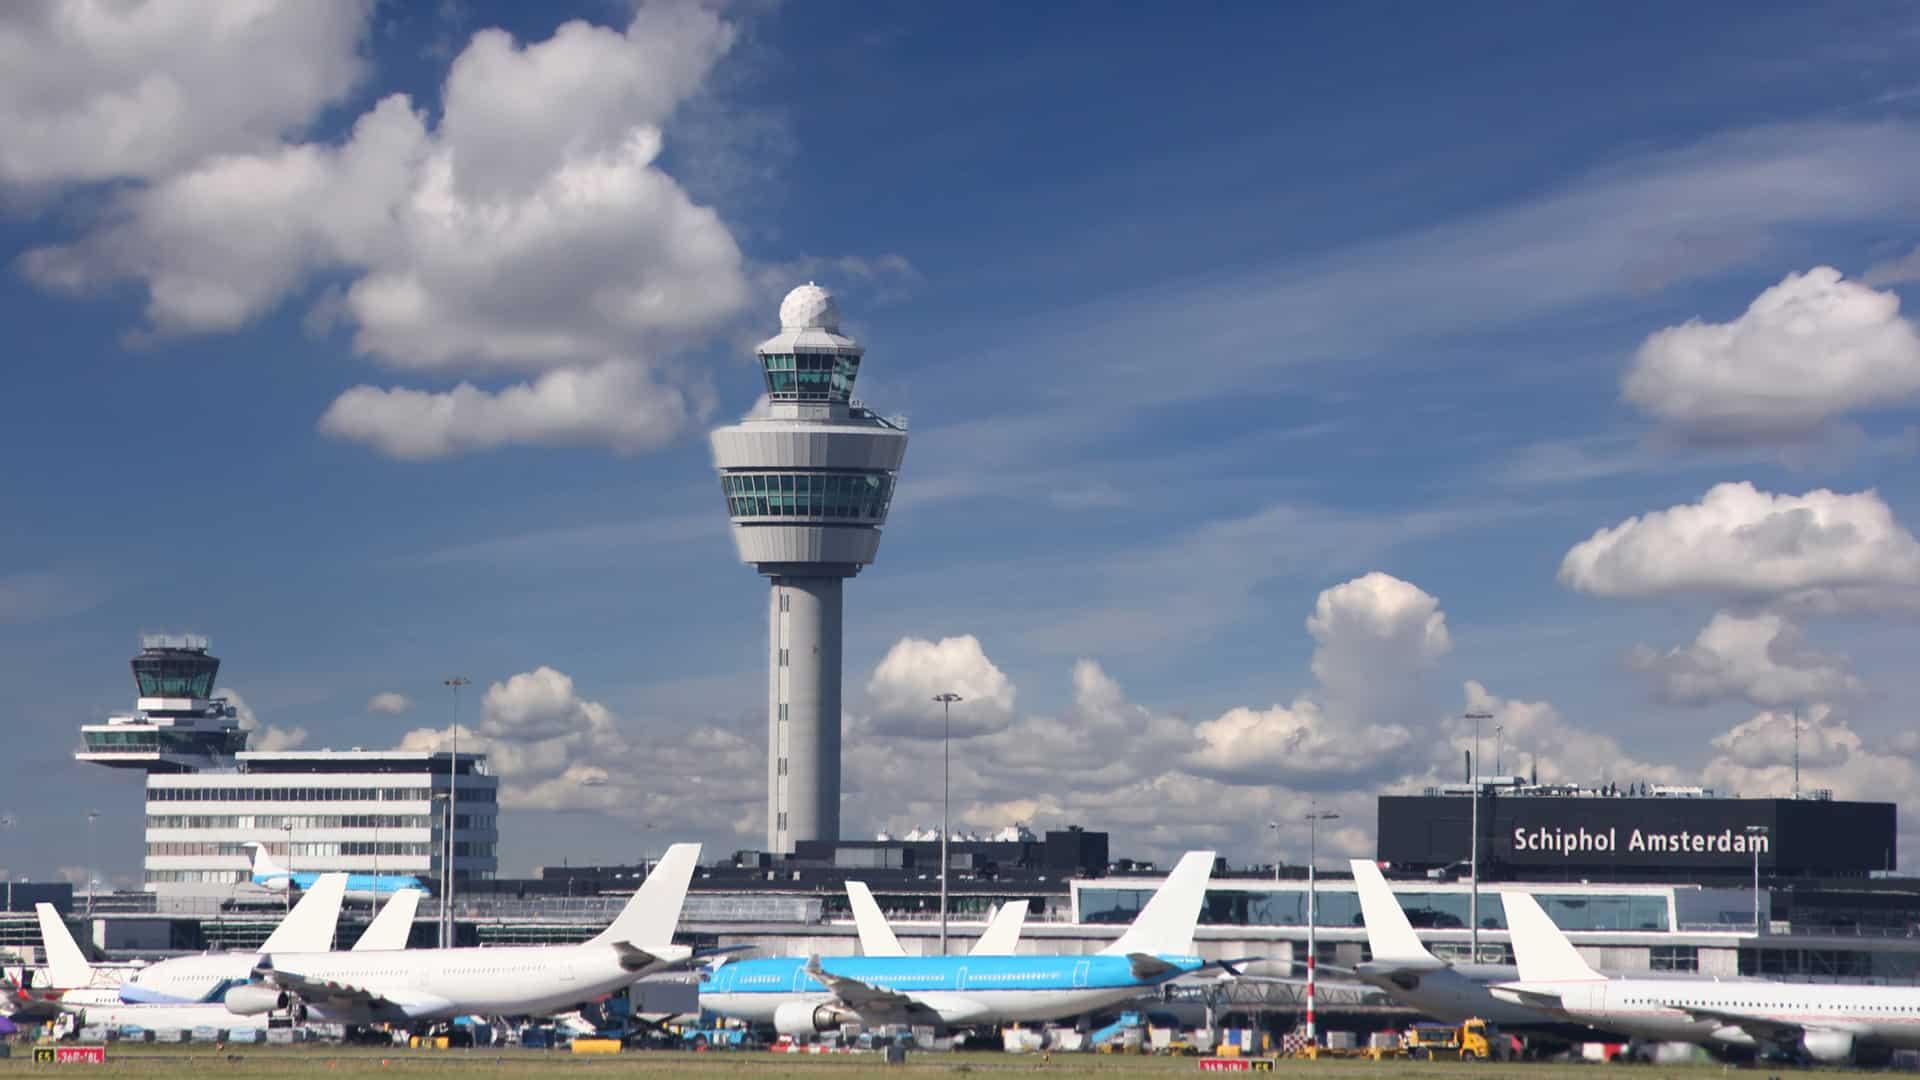 SDR helpt de Luchtverkeersleiding afhandelingscapaciteit uit te breiden